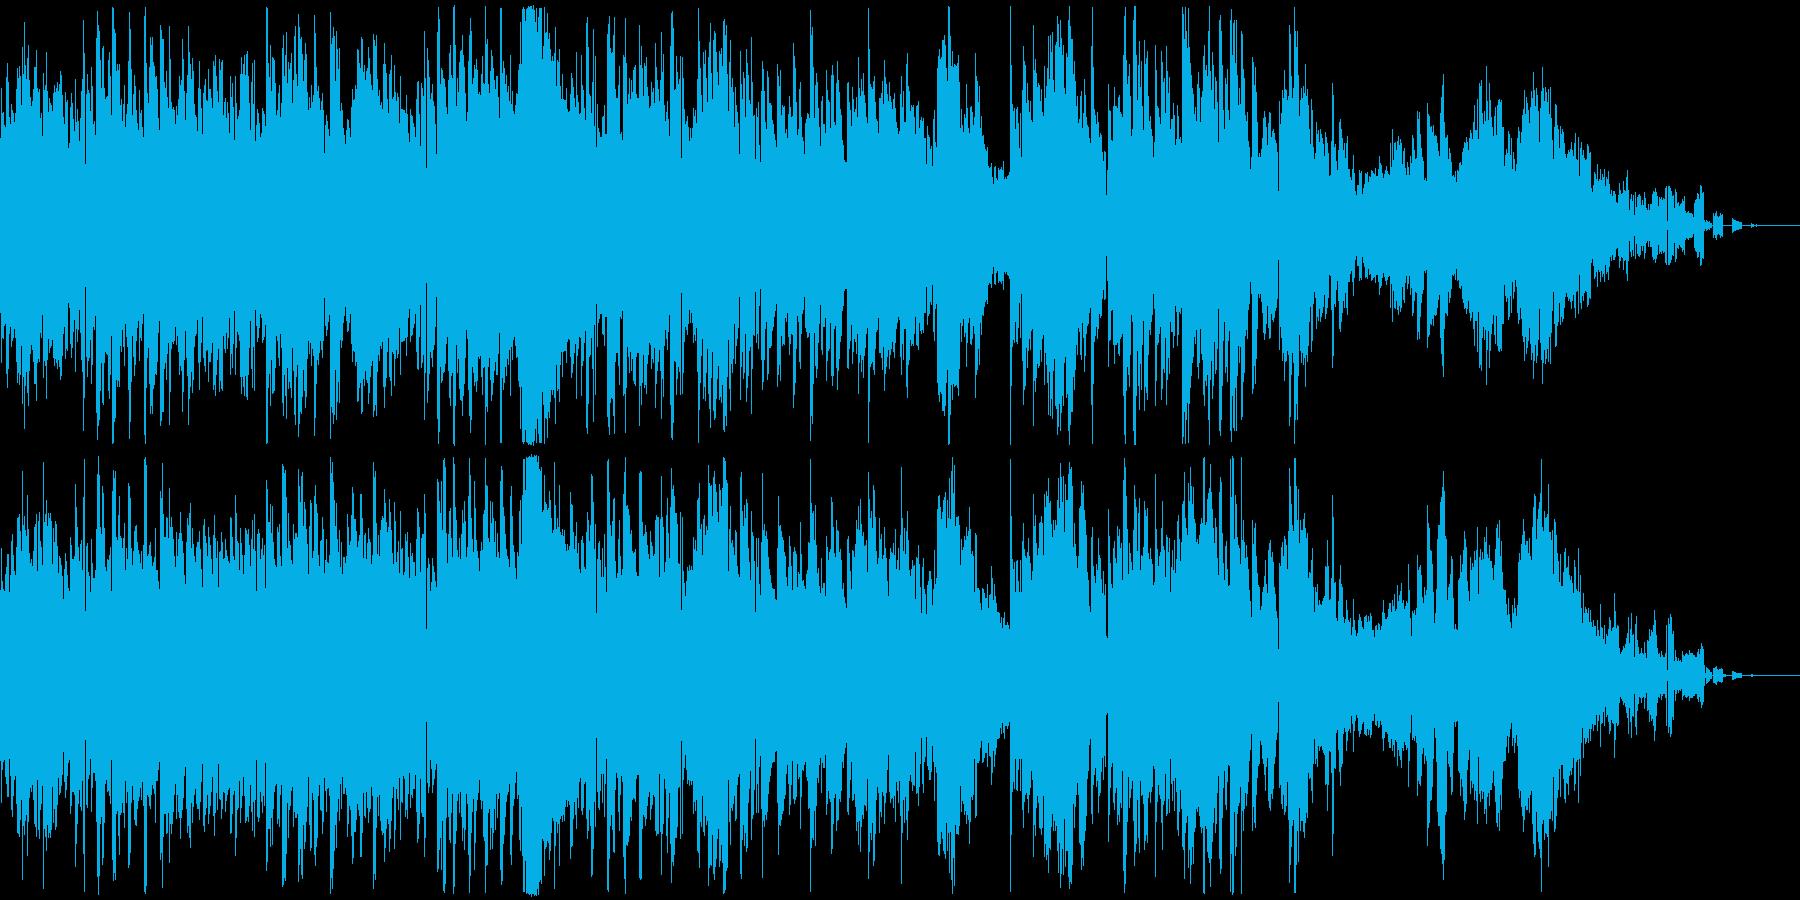 ギターとシンセパッドによる楽曲。の再生済みの波形